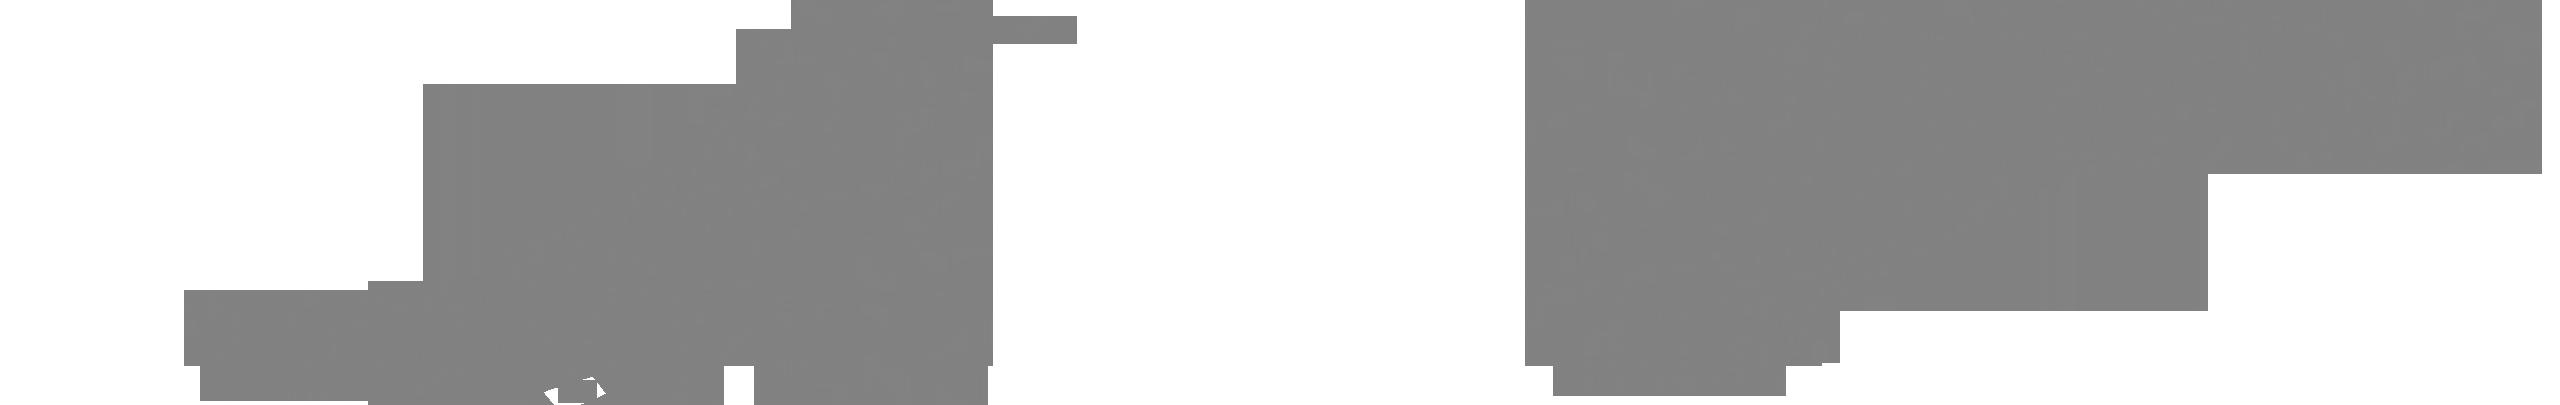 bg-slider